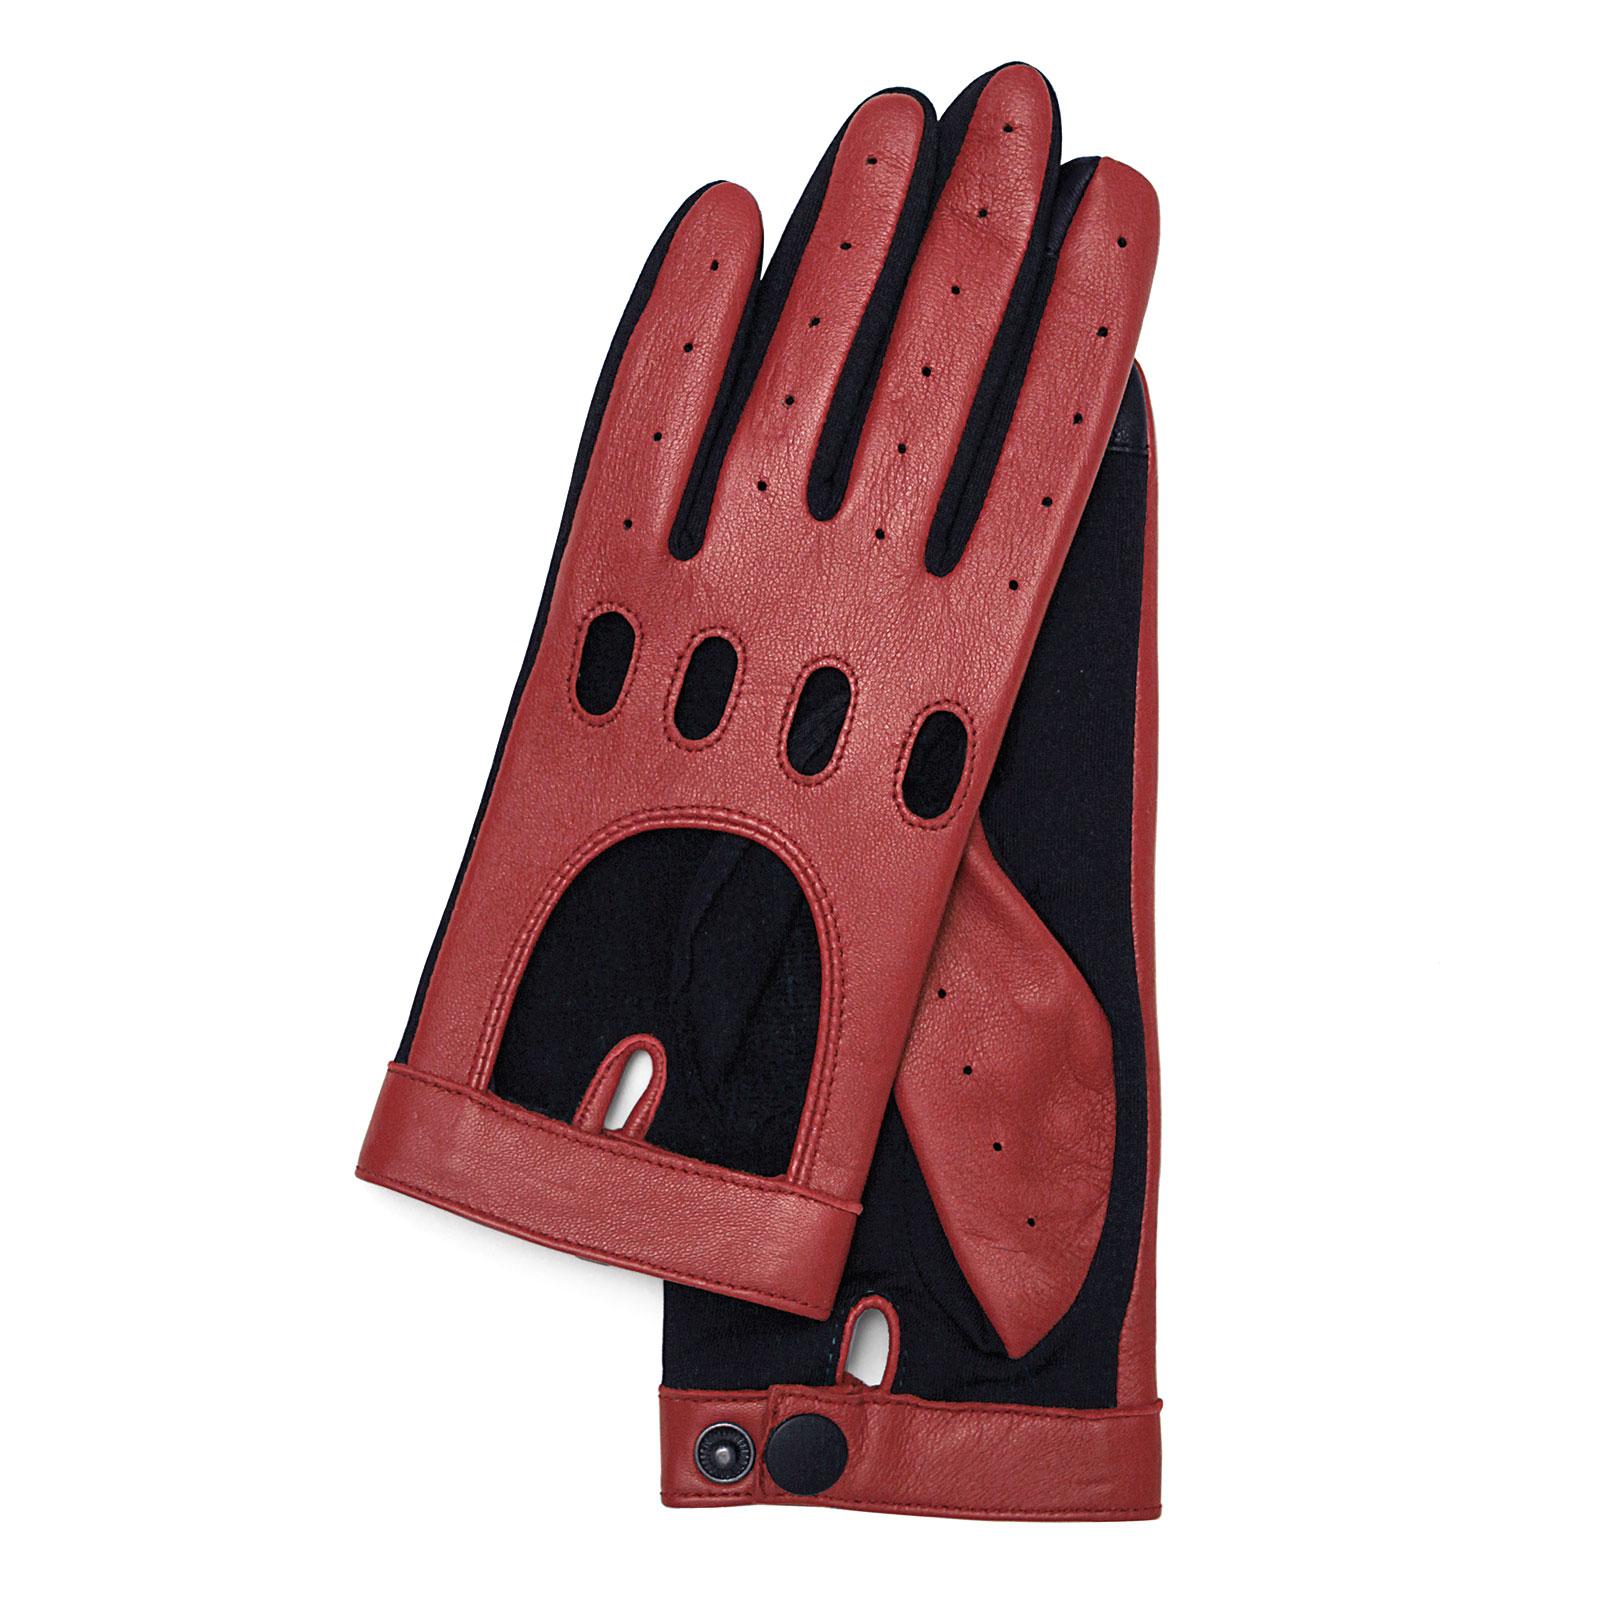 Mia Driver's Glove crimson 219